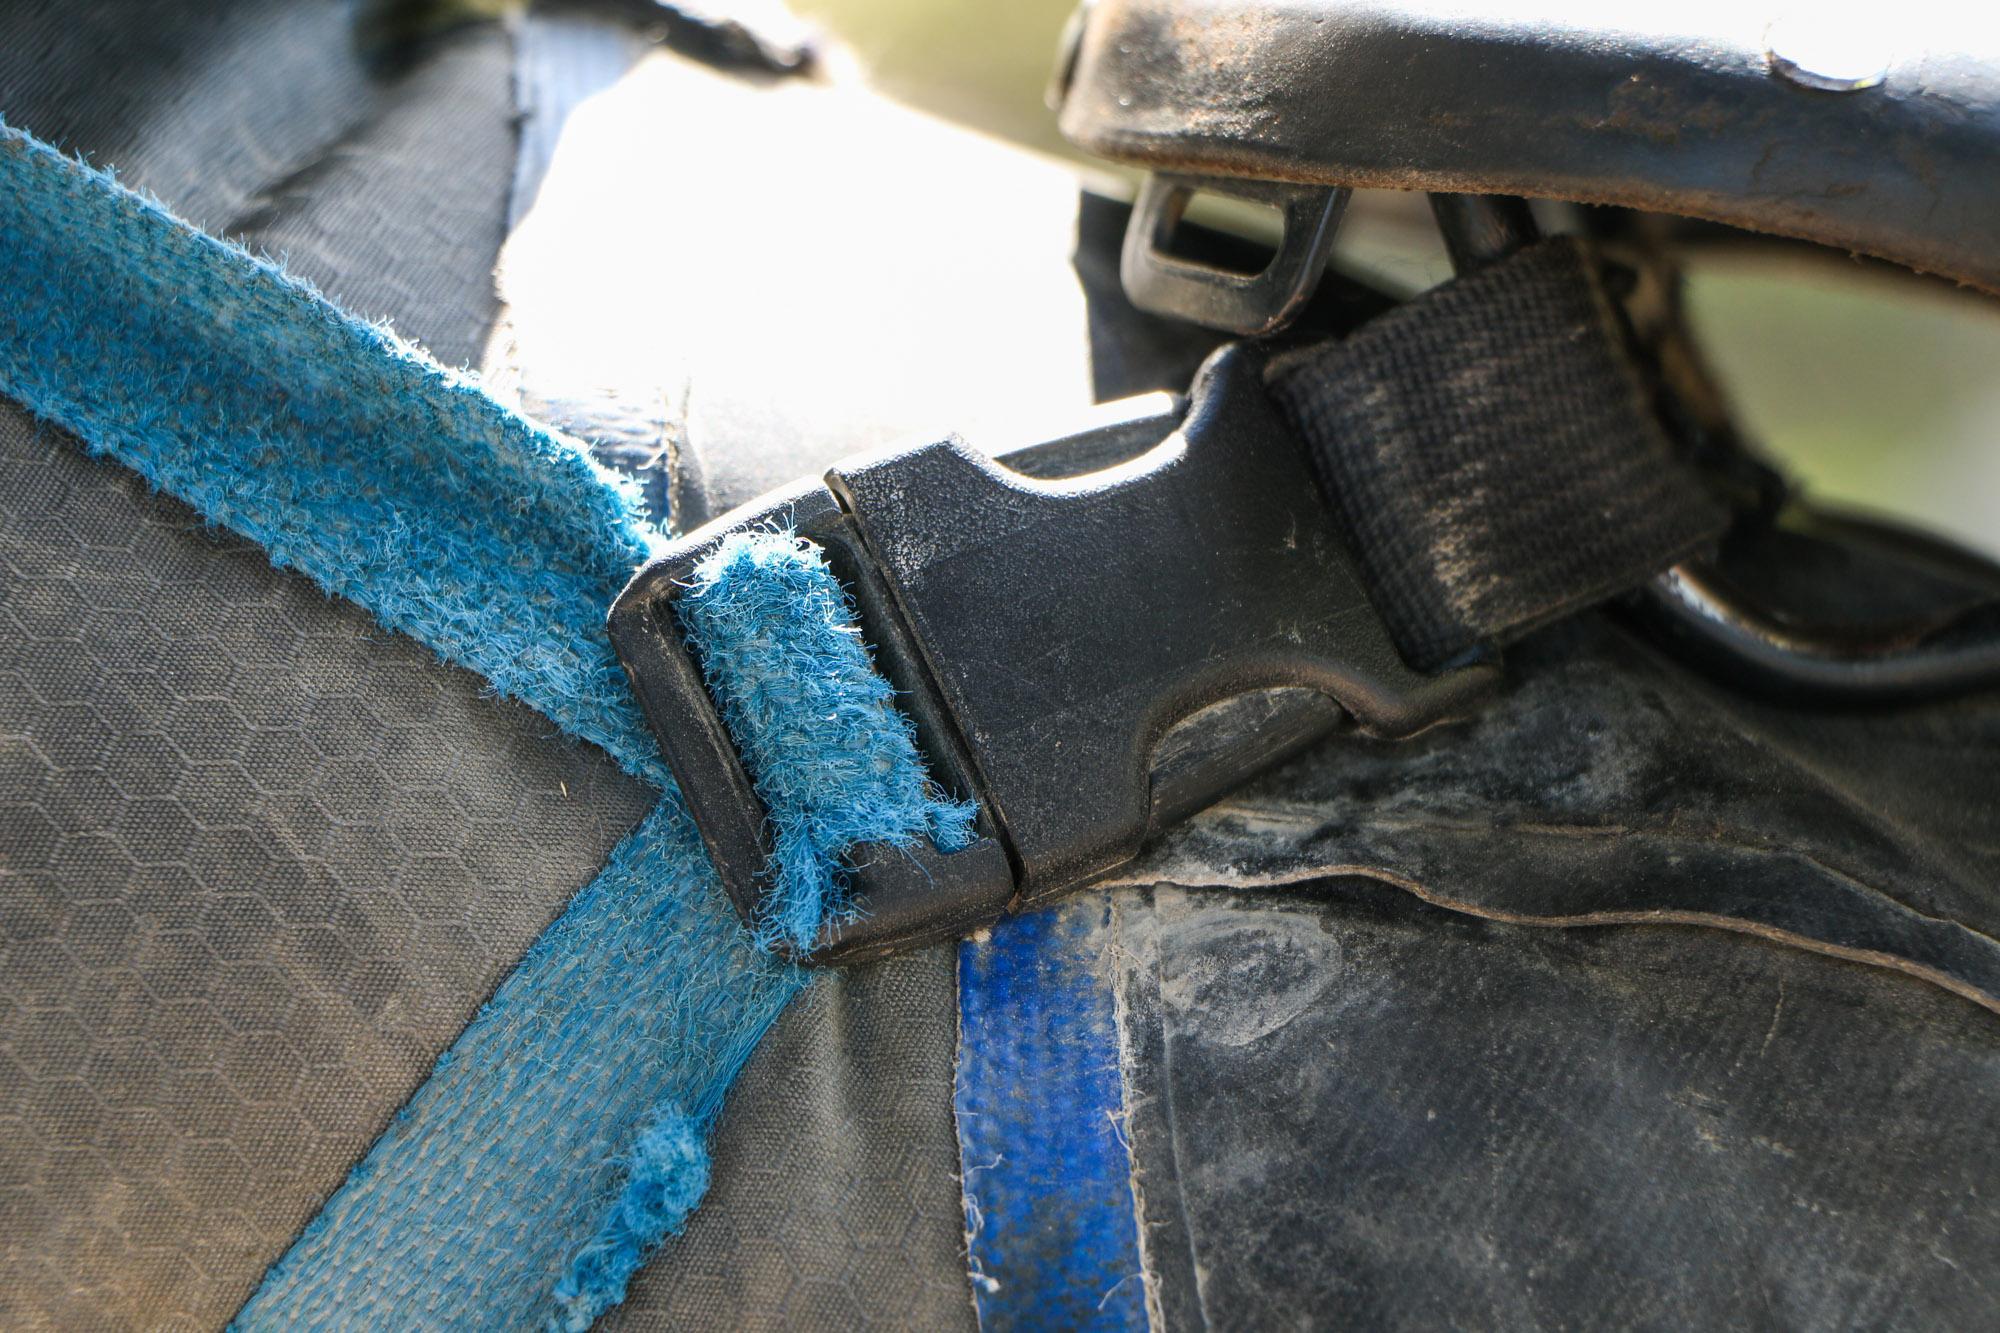 Goat's Crust Scapegoat: No Shoes, No Problem –Morgan Taylor